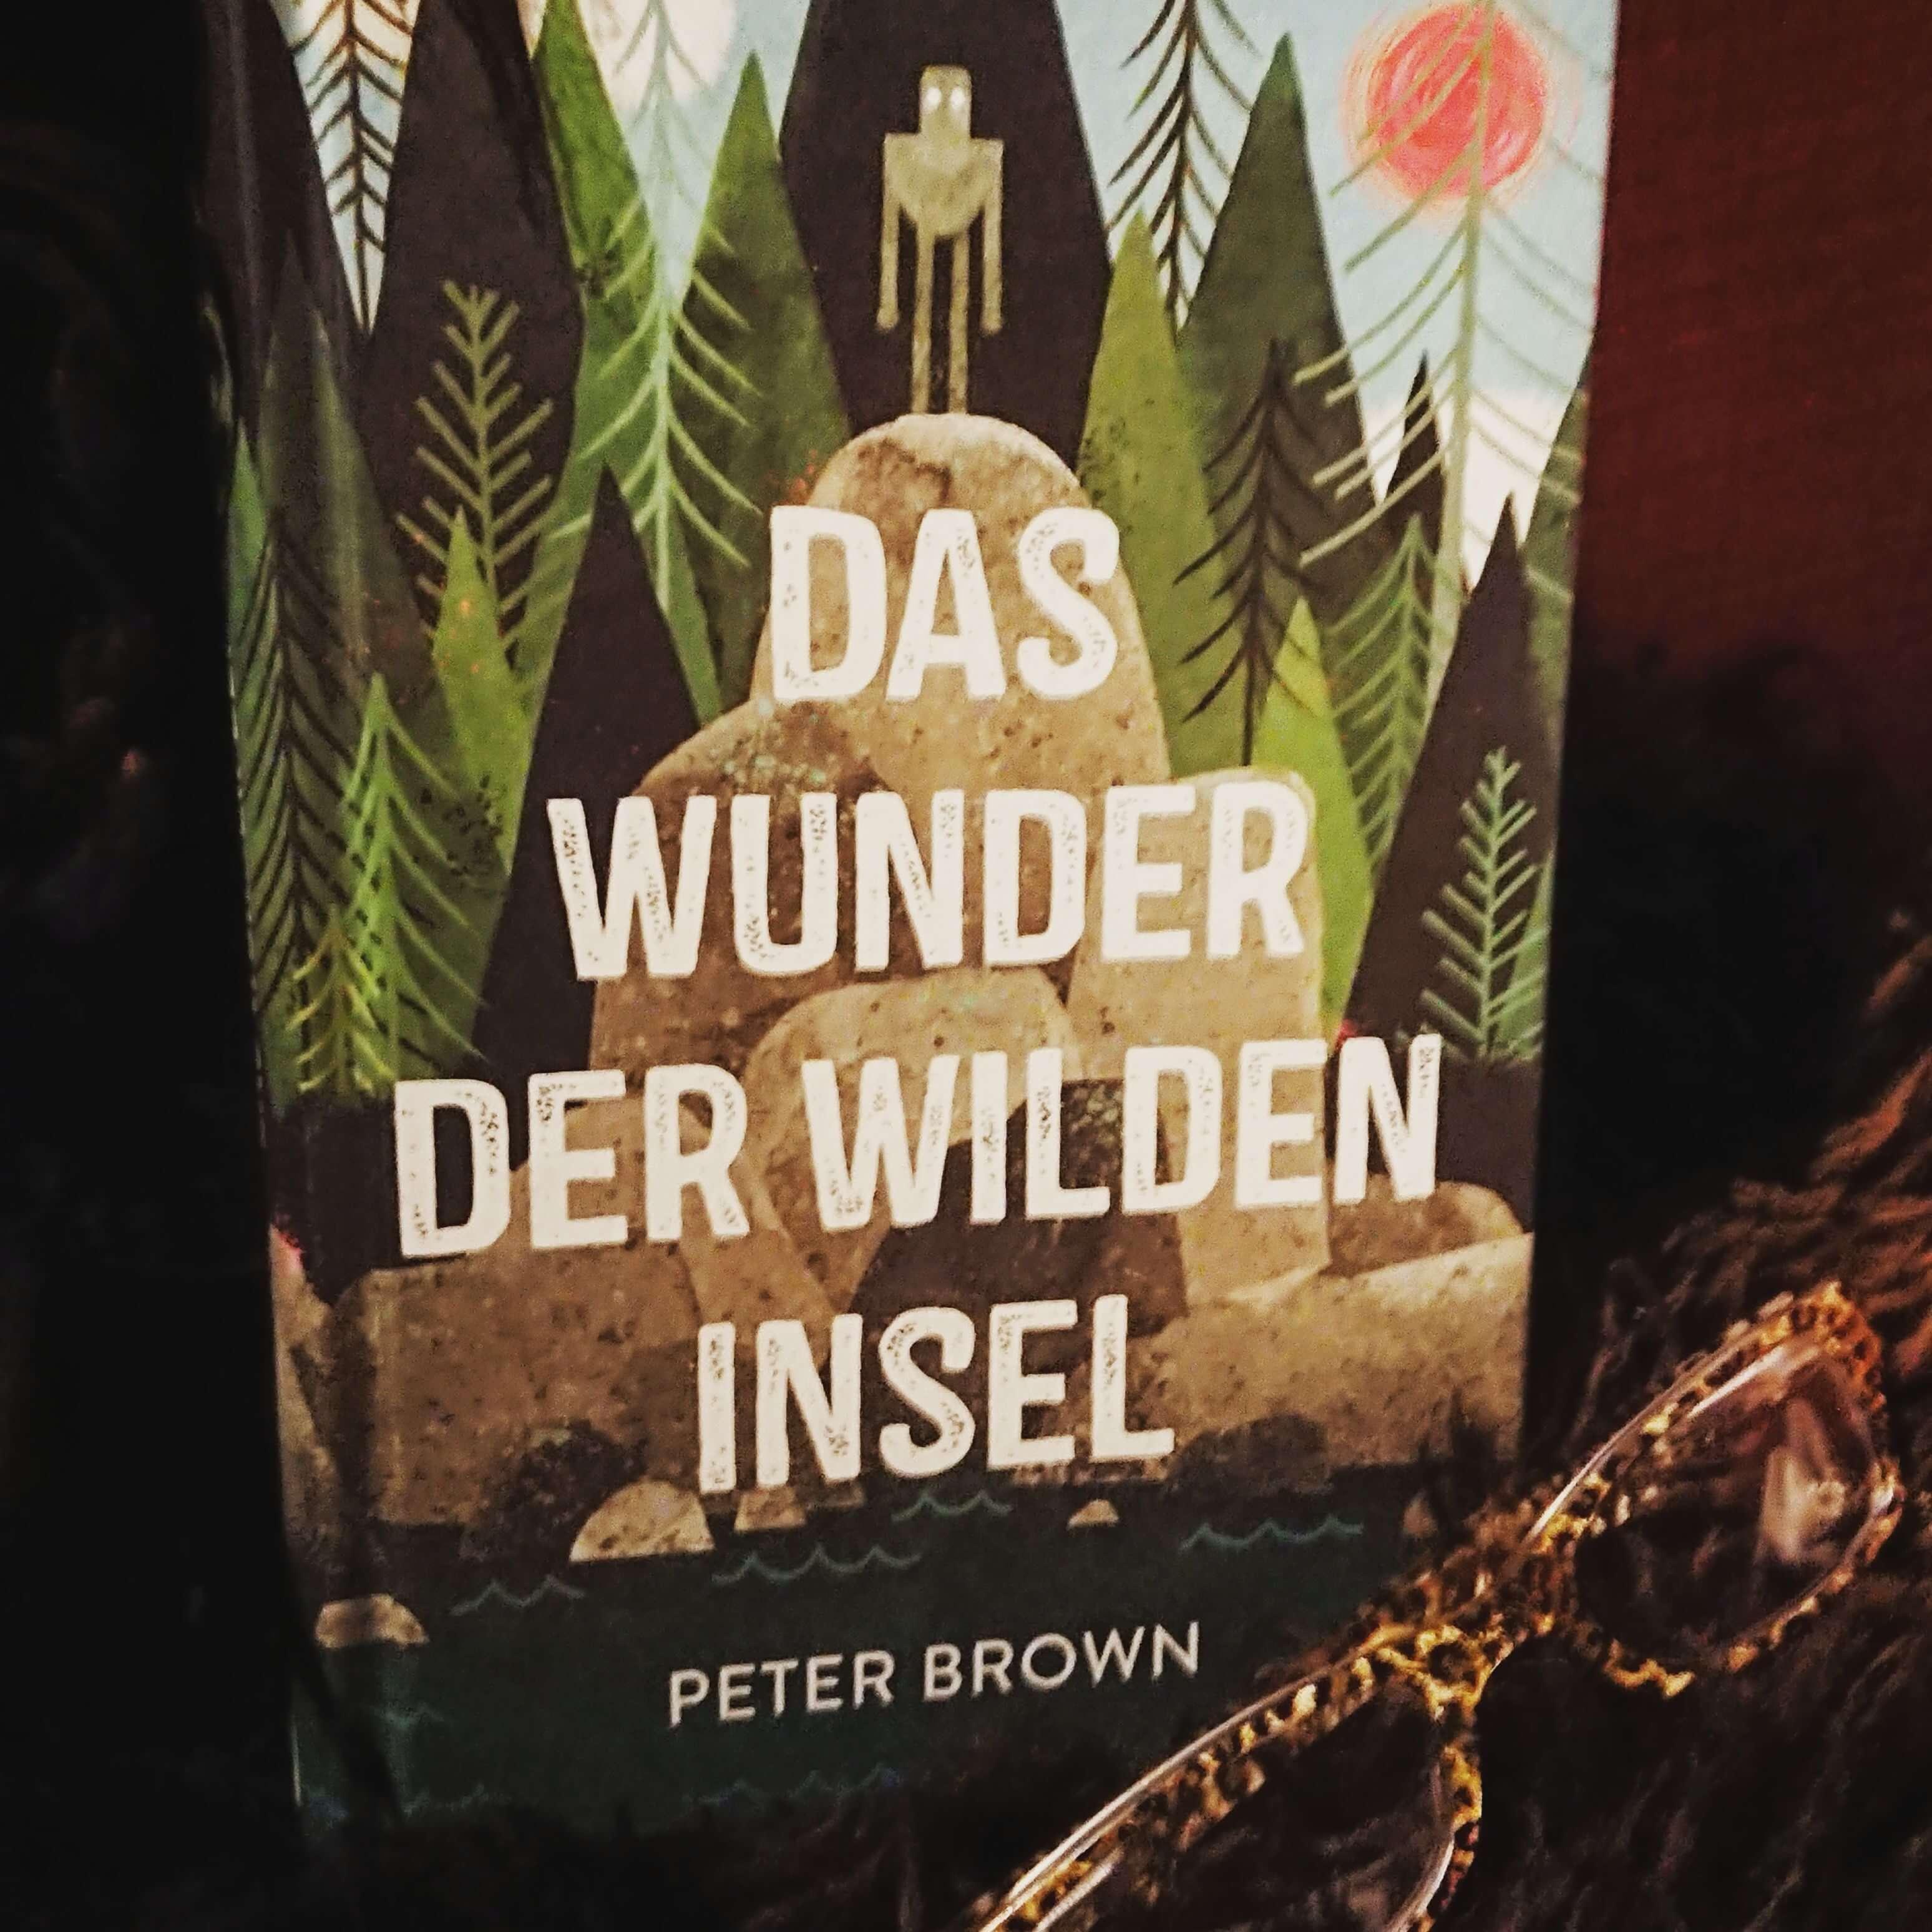 Kinderbuch Wunder der wilden Insel - auf meiner Couch mit Lesebrille